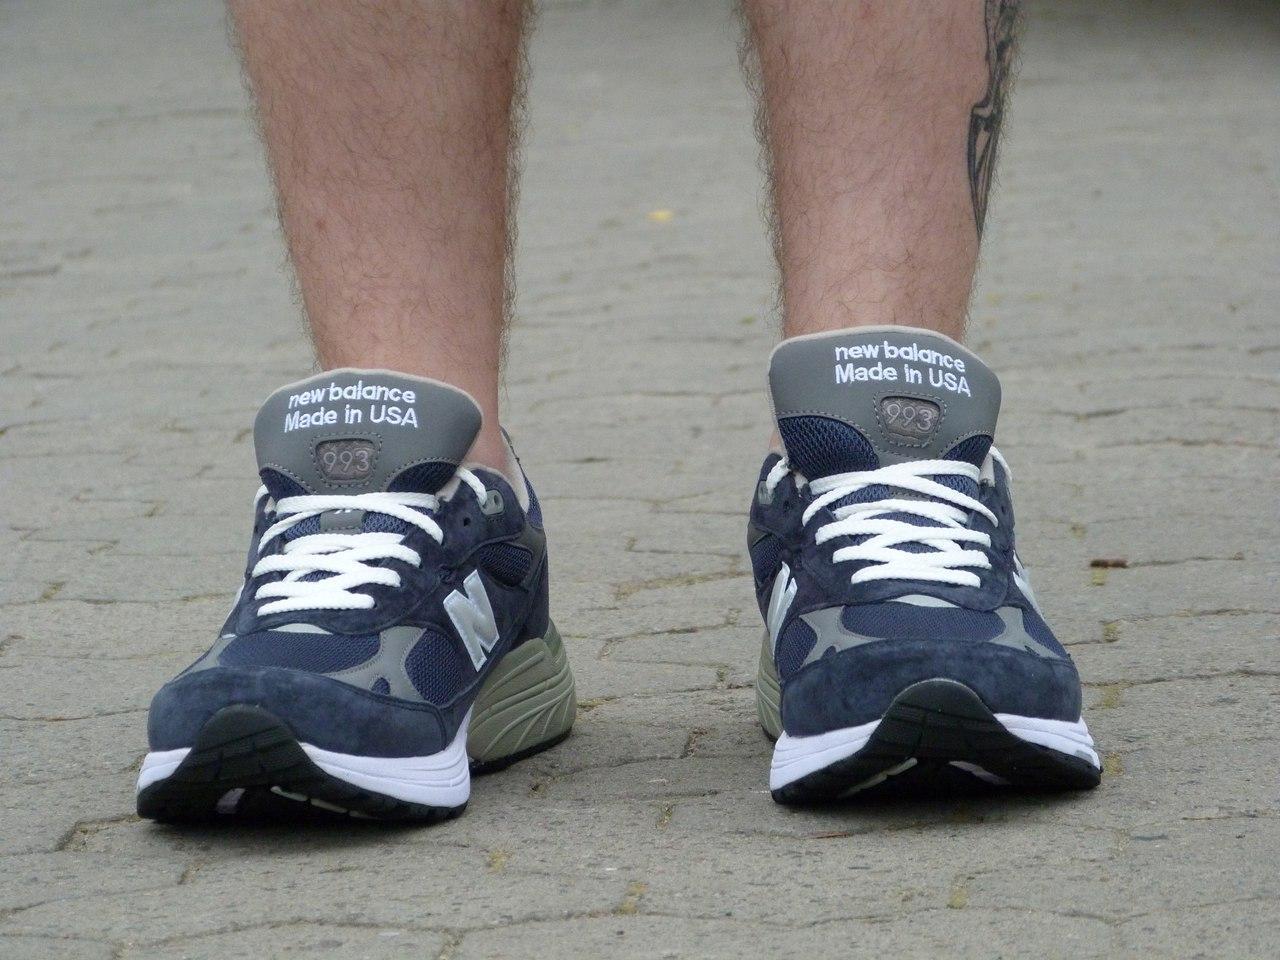 Мужские кроссовки New Balance M993 Running / Walking Shoes, Копия